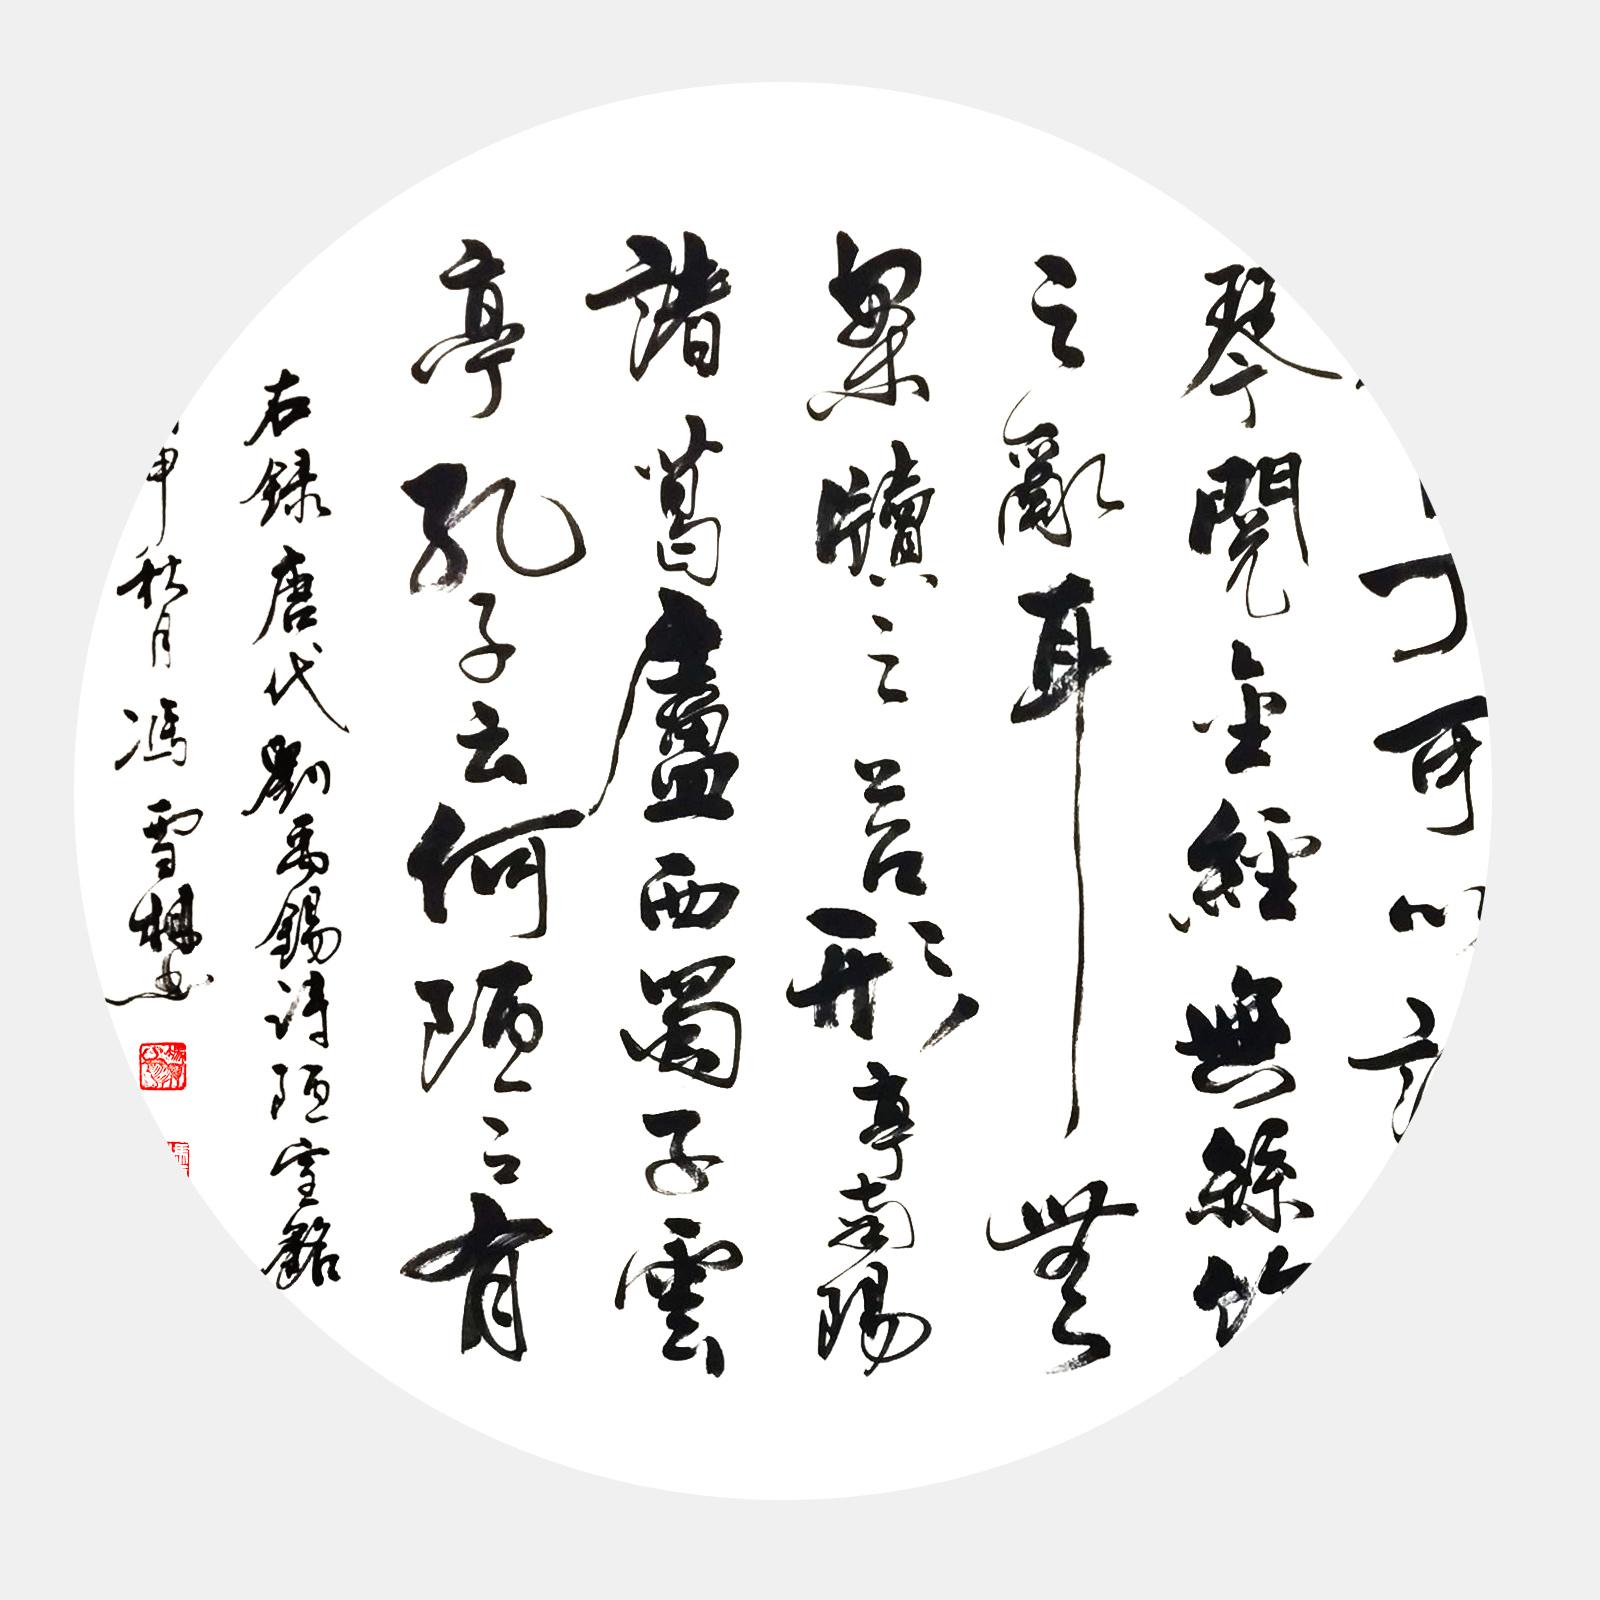 图片3:唐・刘禹锡《陋室铭》书法作品 高雅情操 古文名篇 名家行书作品